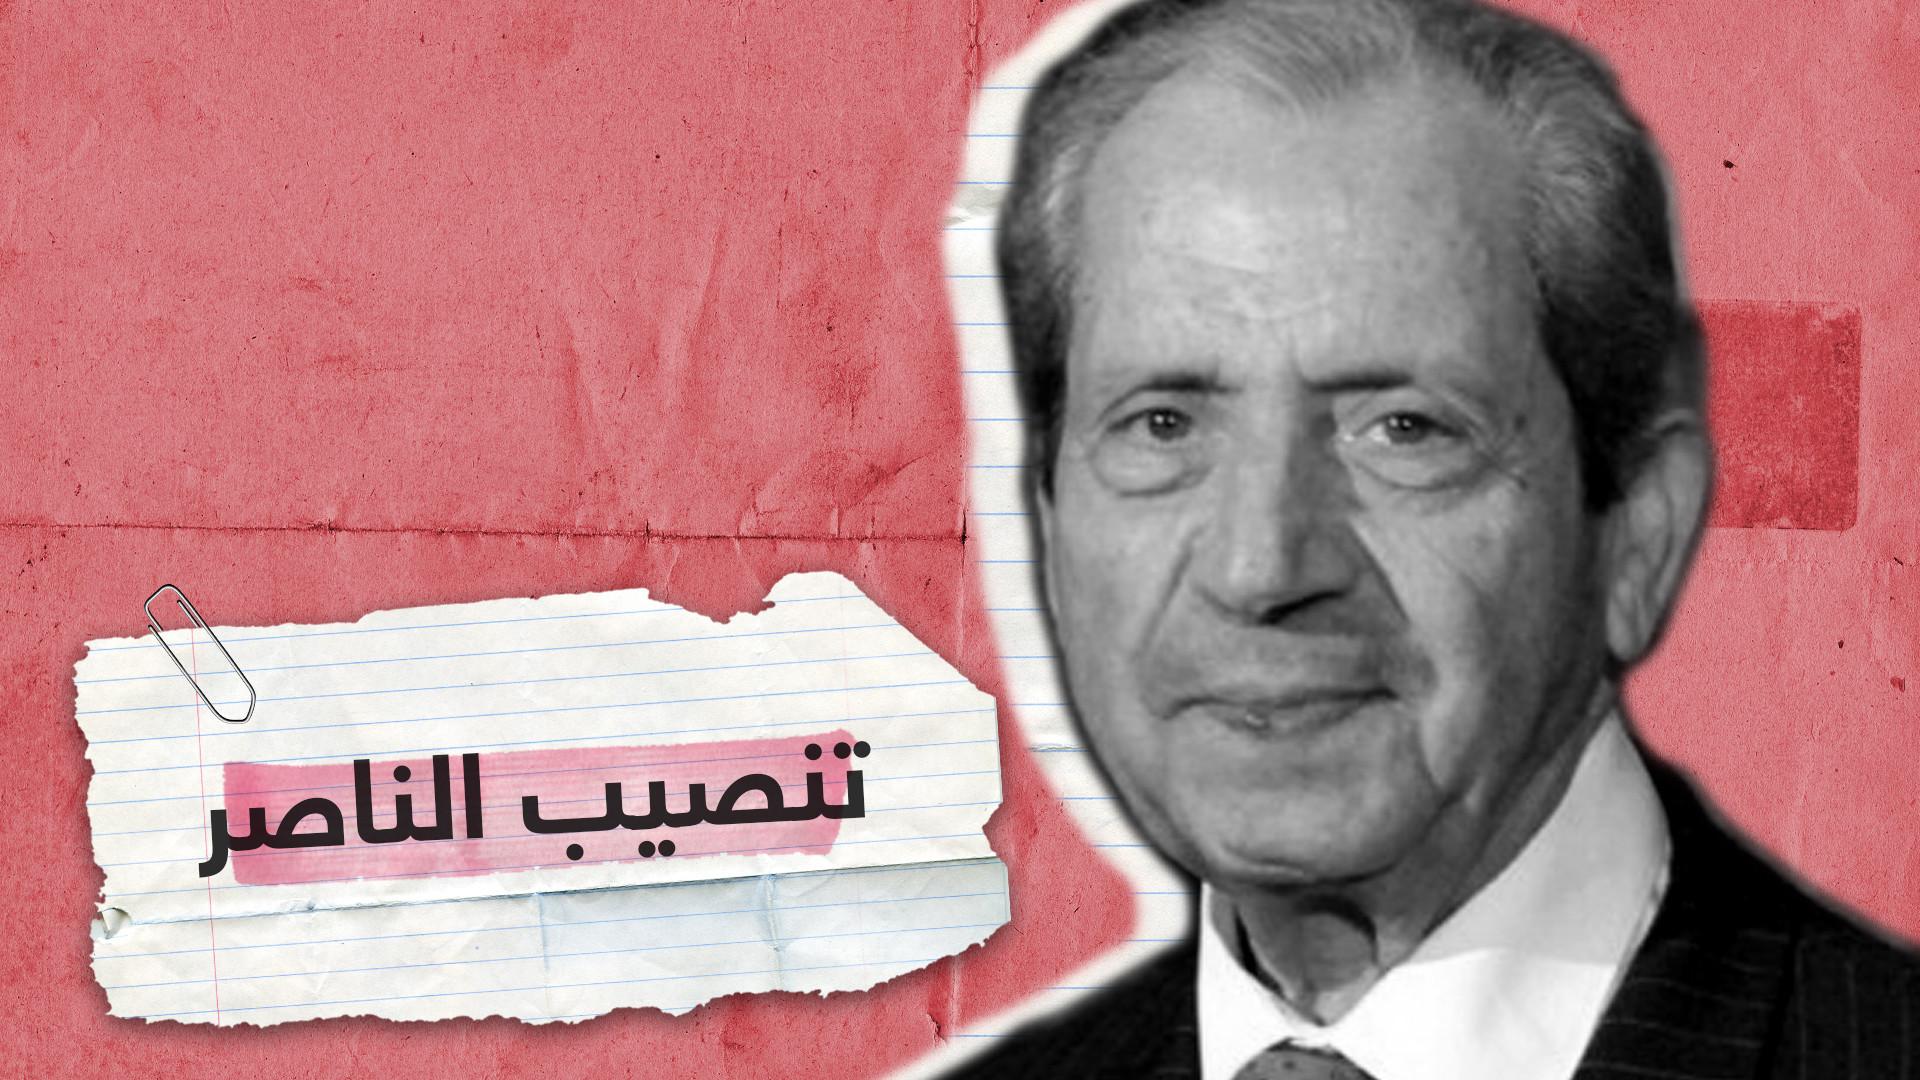 لحظة تنصيب محمد الناصر رئيسا مؤقتا لتونس